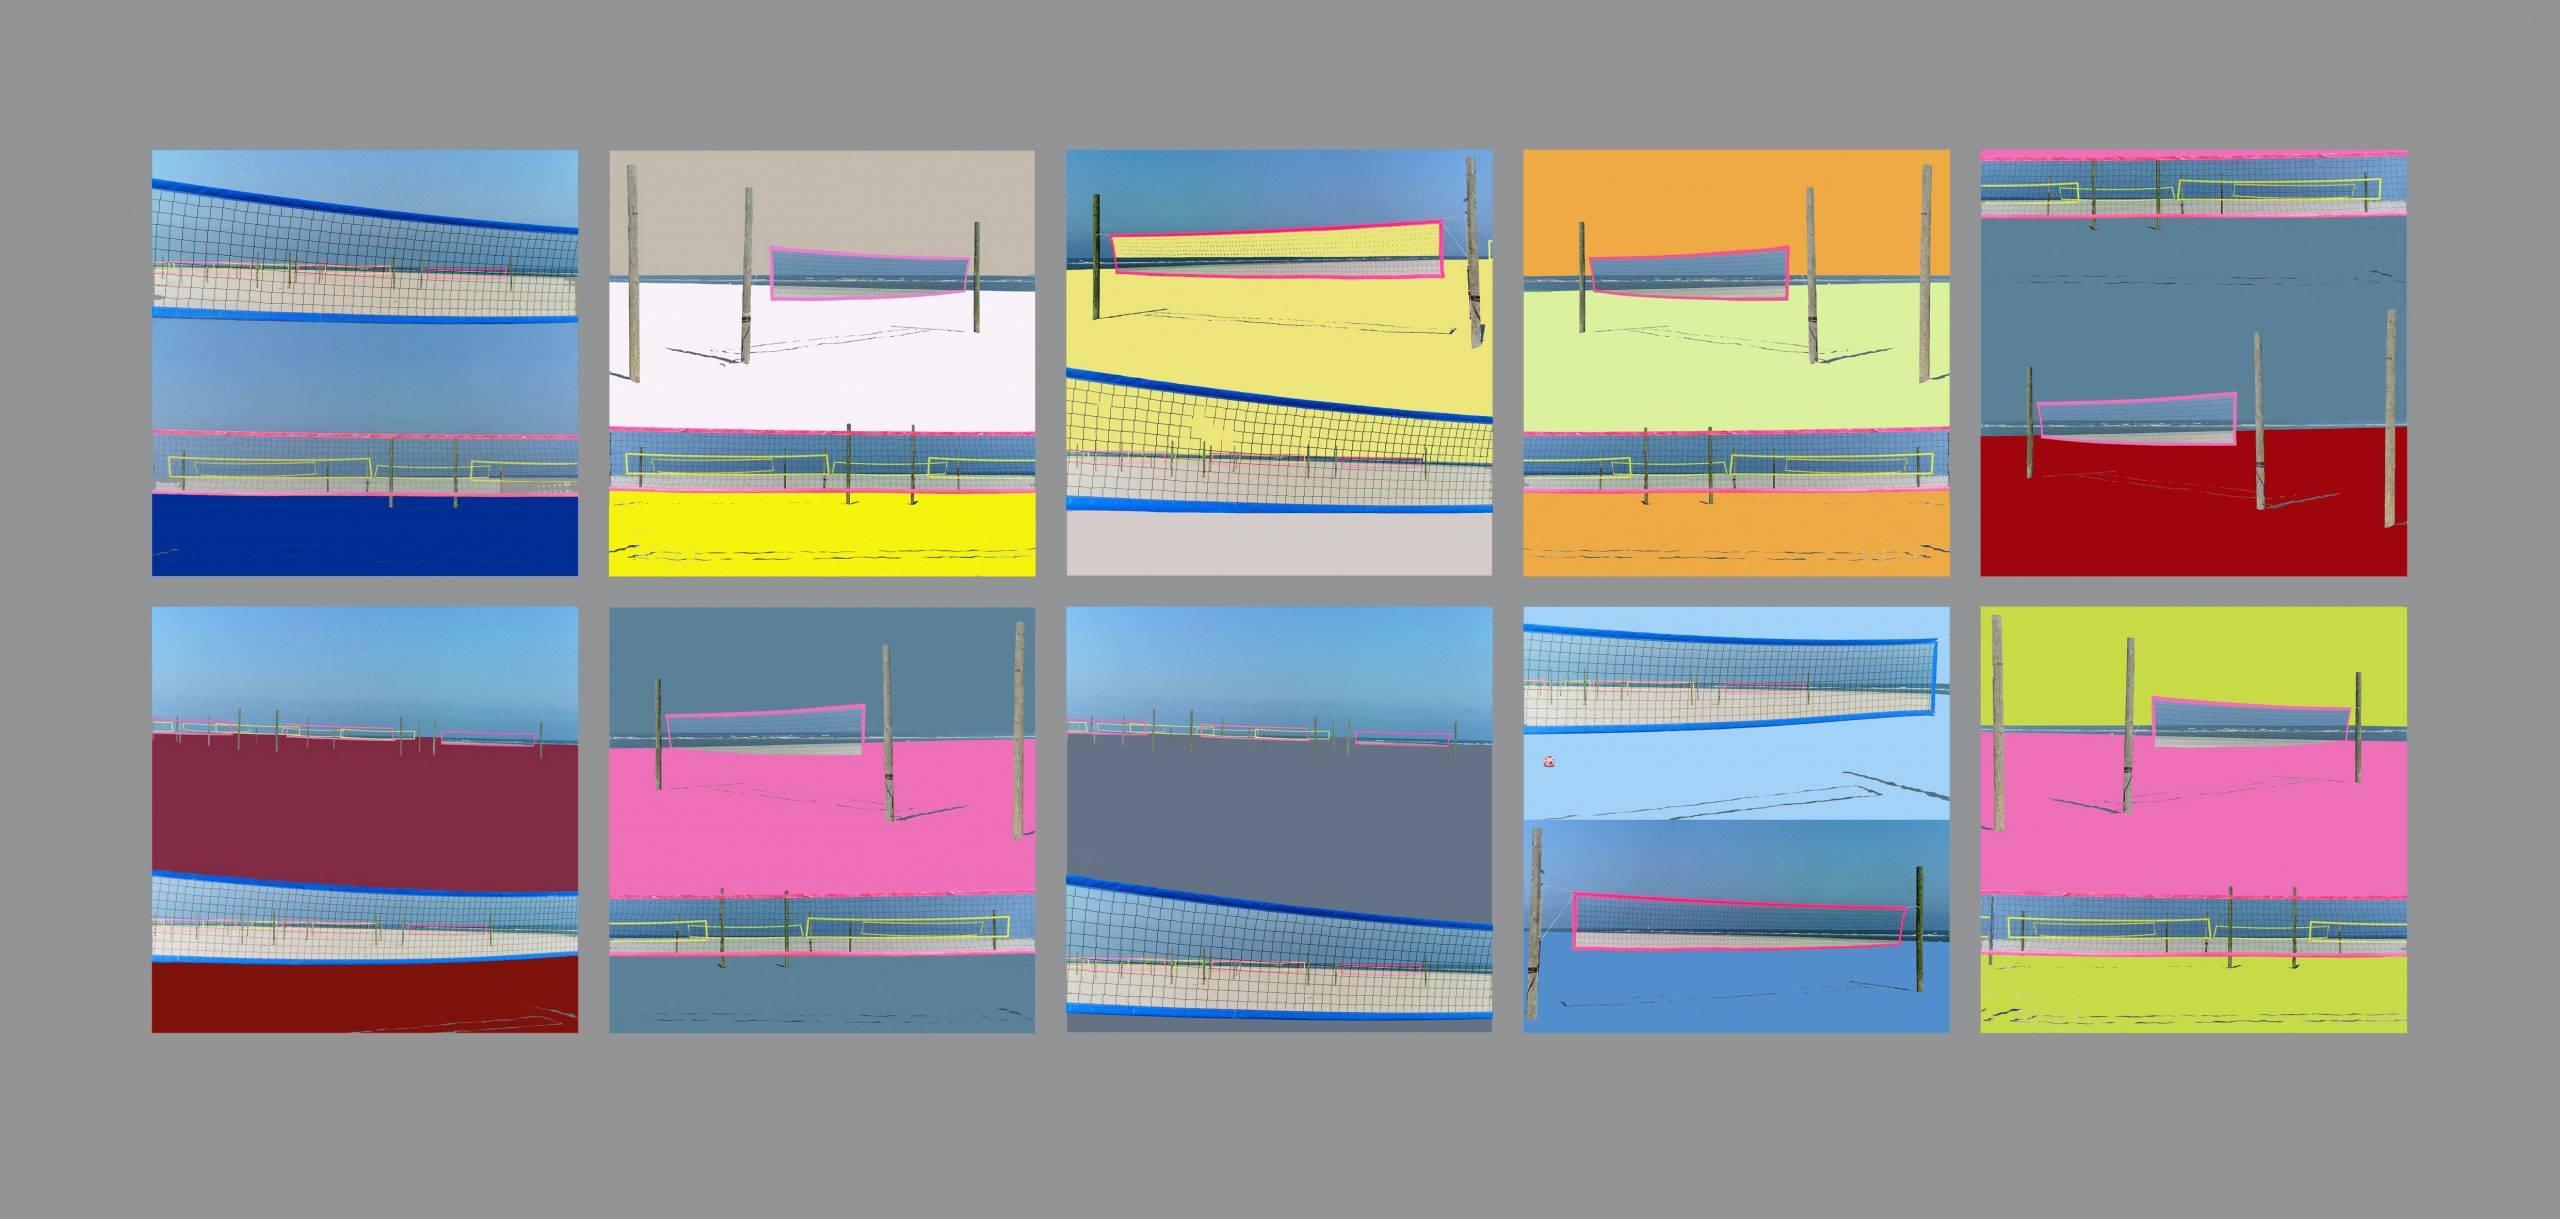 Spielfelder 2012 UltrachromeK3 Tinten auf Canson Infinity 210g/qm Din A3 aus KOBLENZ ANALOG #7 Aufl. XXX